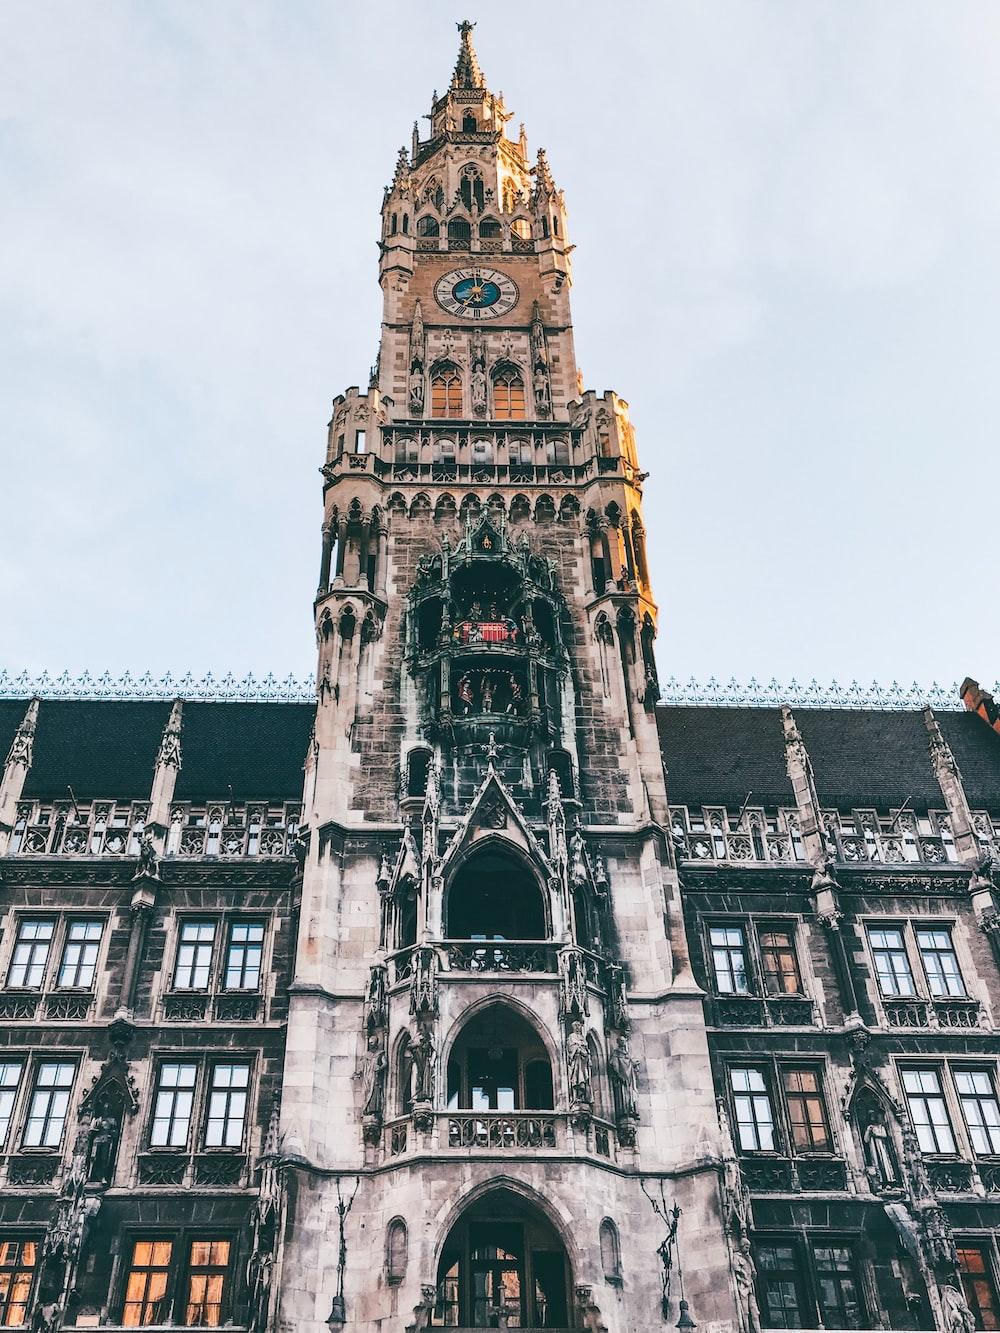 beige tower clock under white clouds